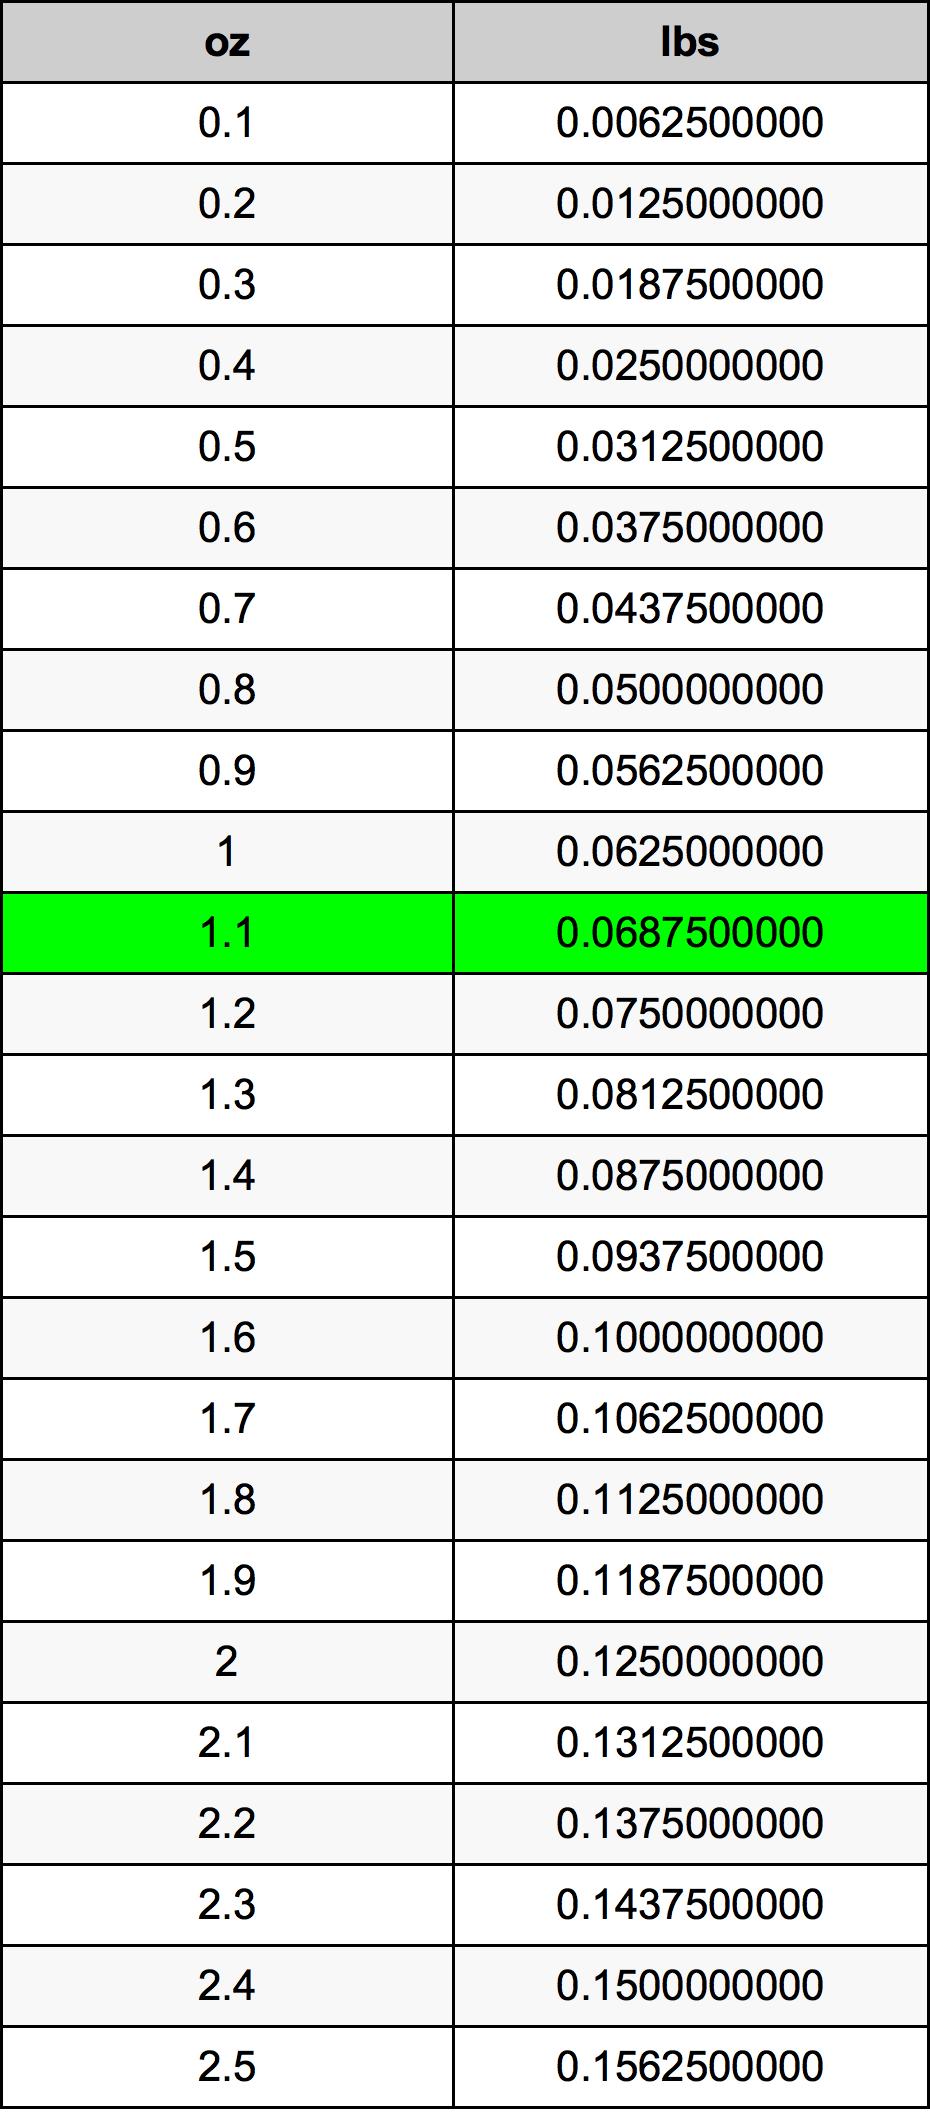 1.1 Ounces To Pounds Converter   1.1 oz To lbs Converter